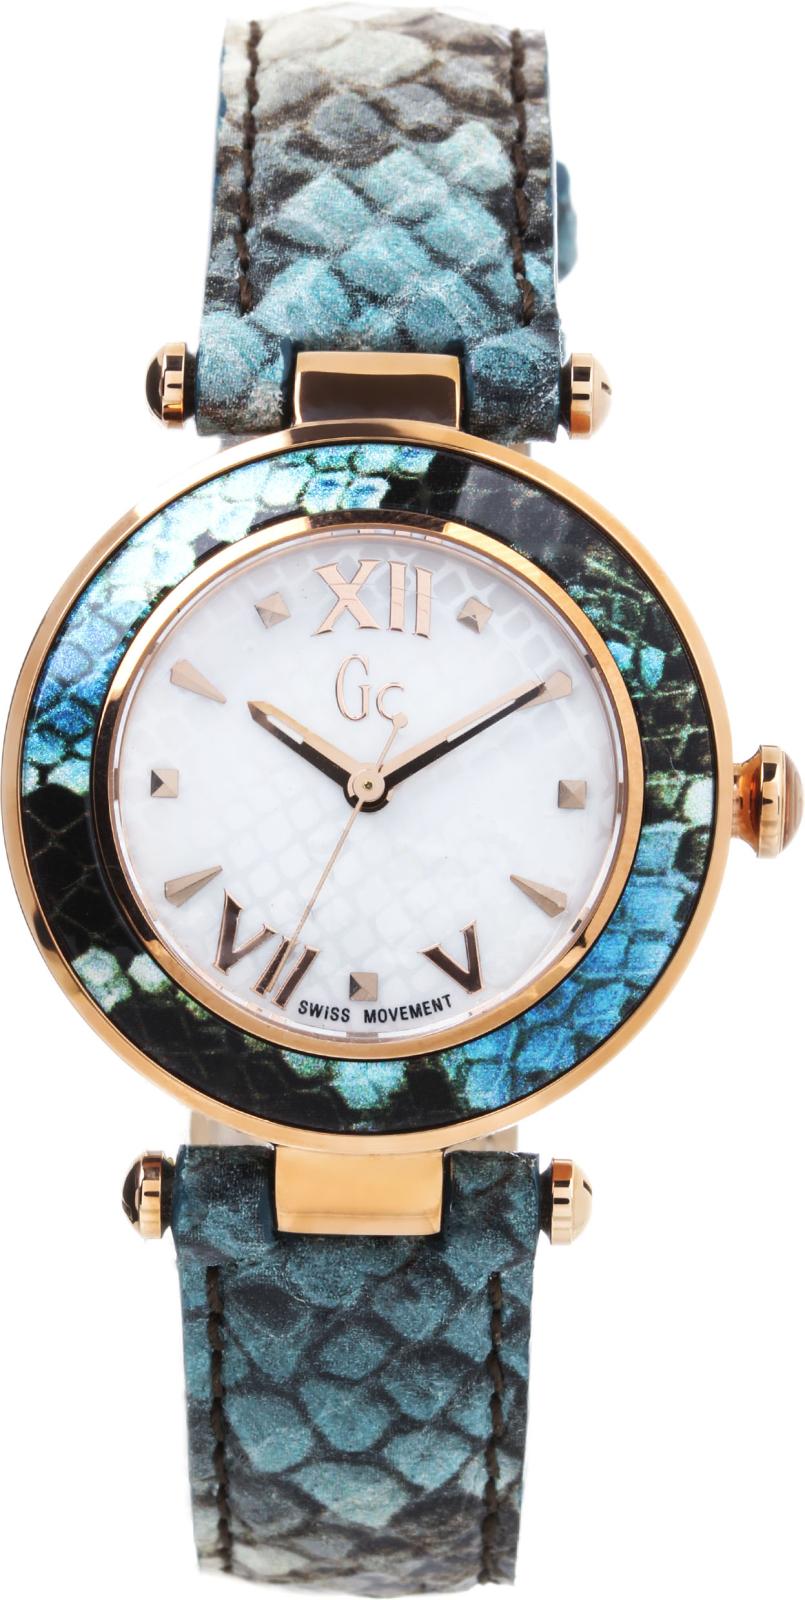 GC Sport Chic Y10002L1Наручные часы<br>Швейцарские часы GC Sport Chic Y10002L1<br><br>Для кого?: Женские<br>Страна-производитель: Швейцария<br>Механизм: Кварцевый<br>Материал корпуса: Сталь<br>Материал ремня/браслета: Кожа<br>Водозащита, диапазон: 100 - 150 м<br>Стекло: Минеральное<br>Толщина корпуса: 11 мм<br>Стиль: Спорт